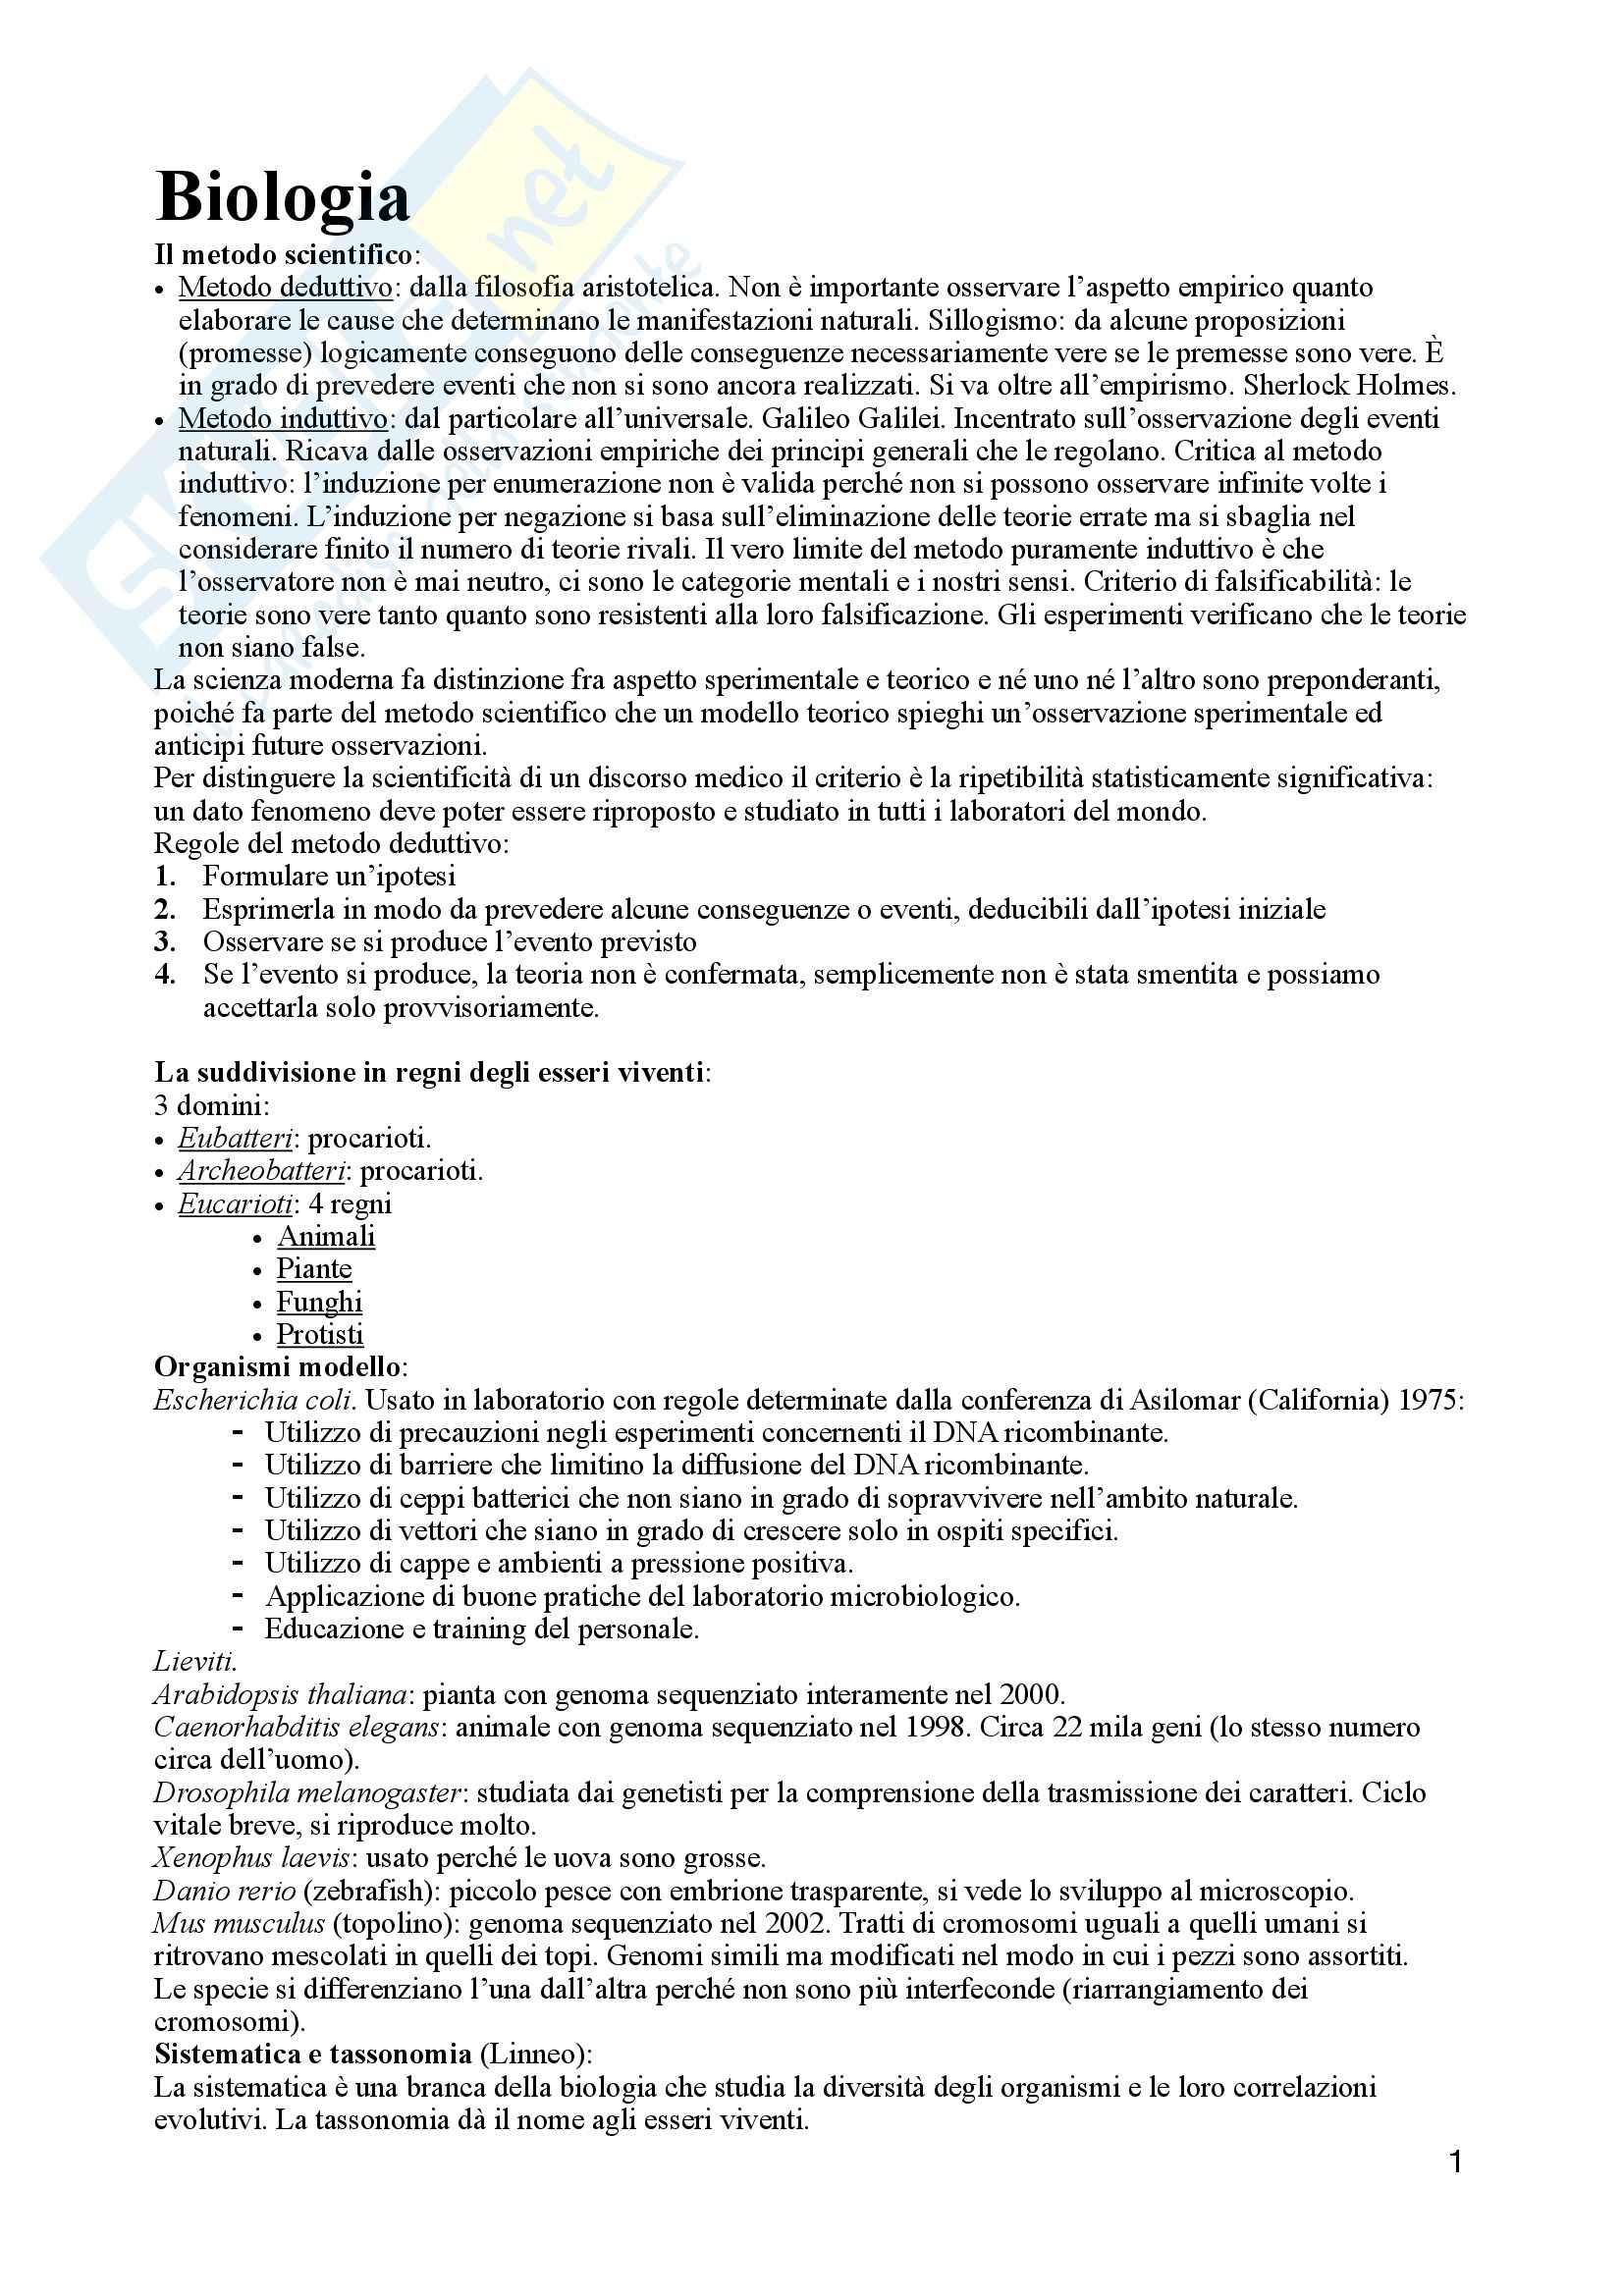 Biologia Molecolare e Biologia cellulare - Appunti